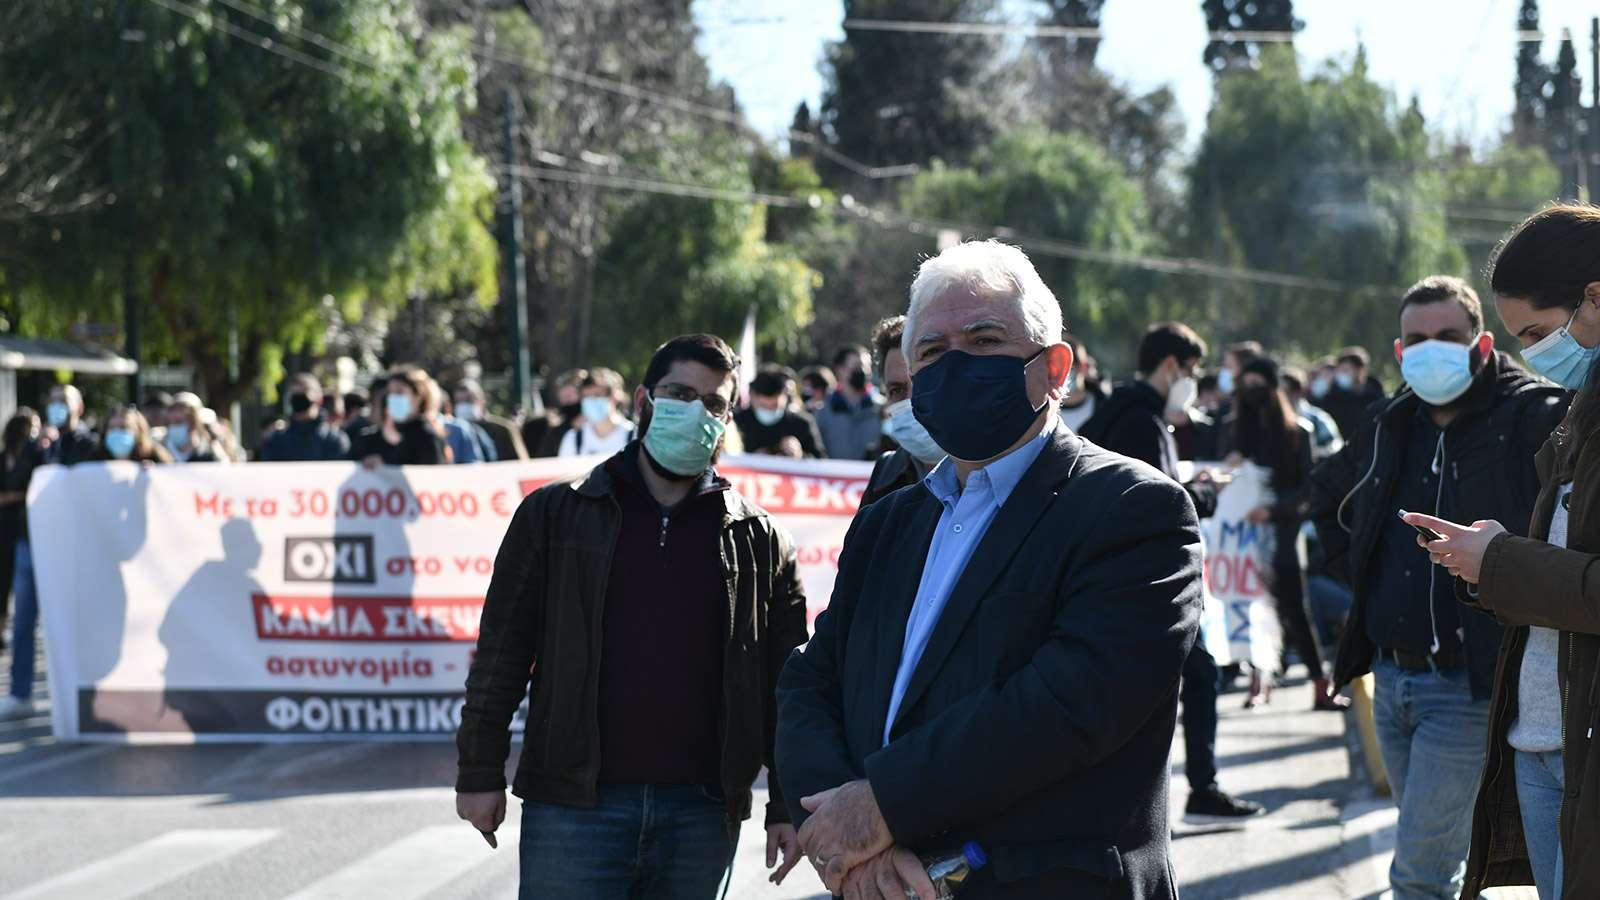 Πανεκπαιδευτικό Συλλαλητήριο Αθήνα Σύνταγμα 10-Φεβ-2021 Βουλευτές ΚΚΕ